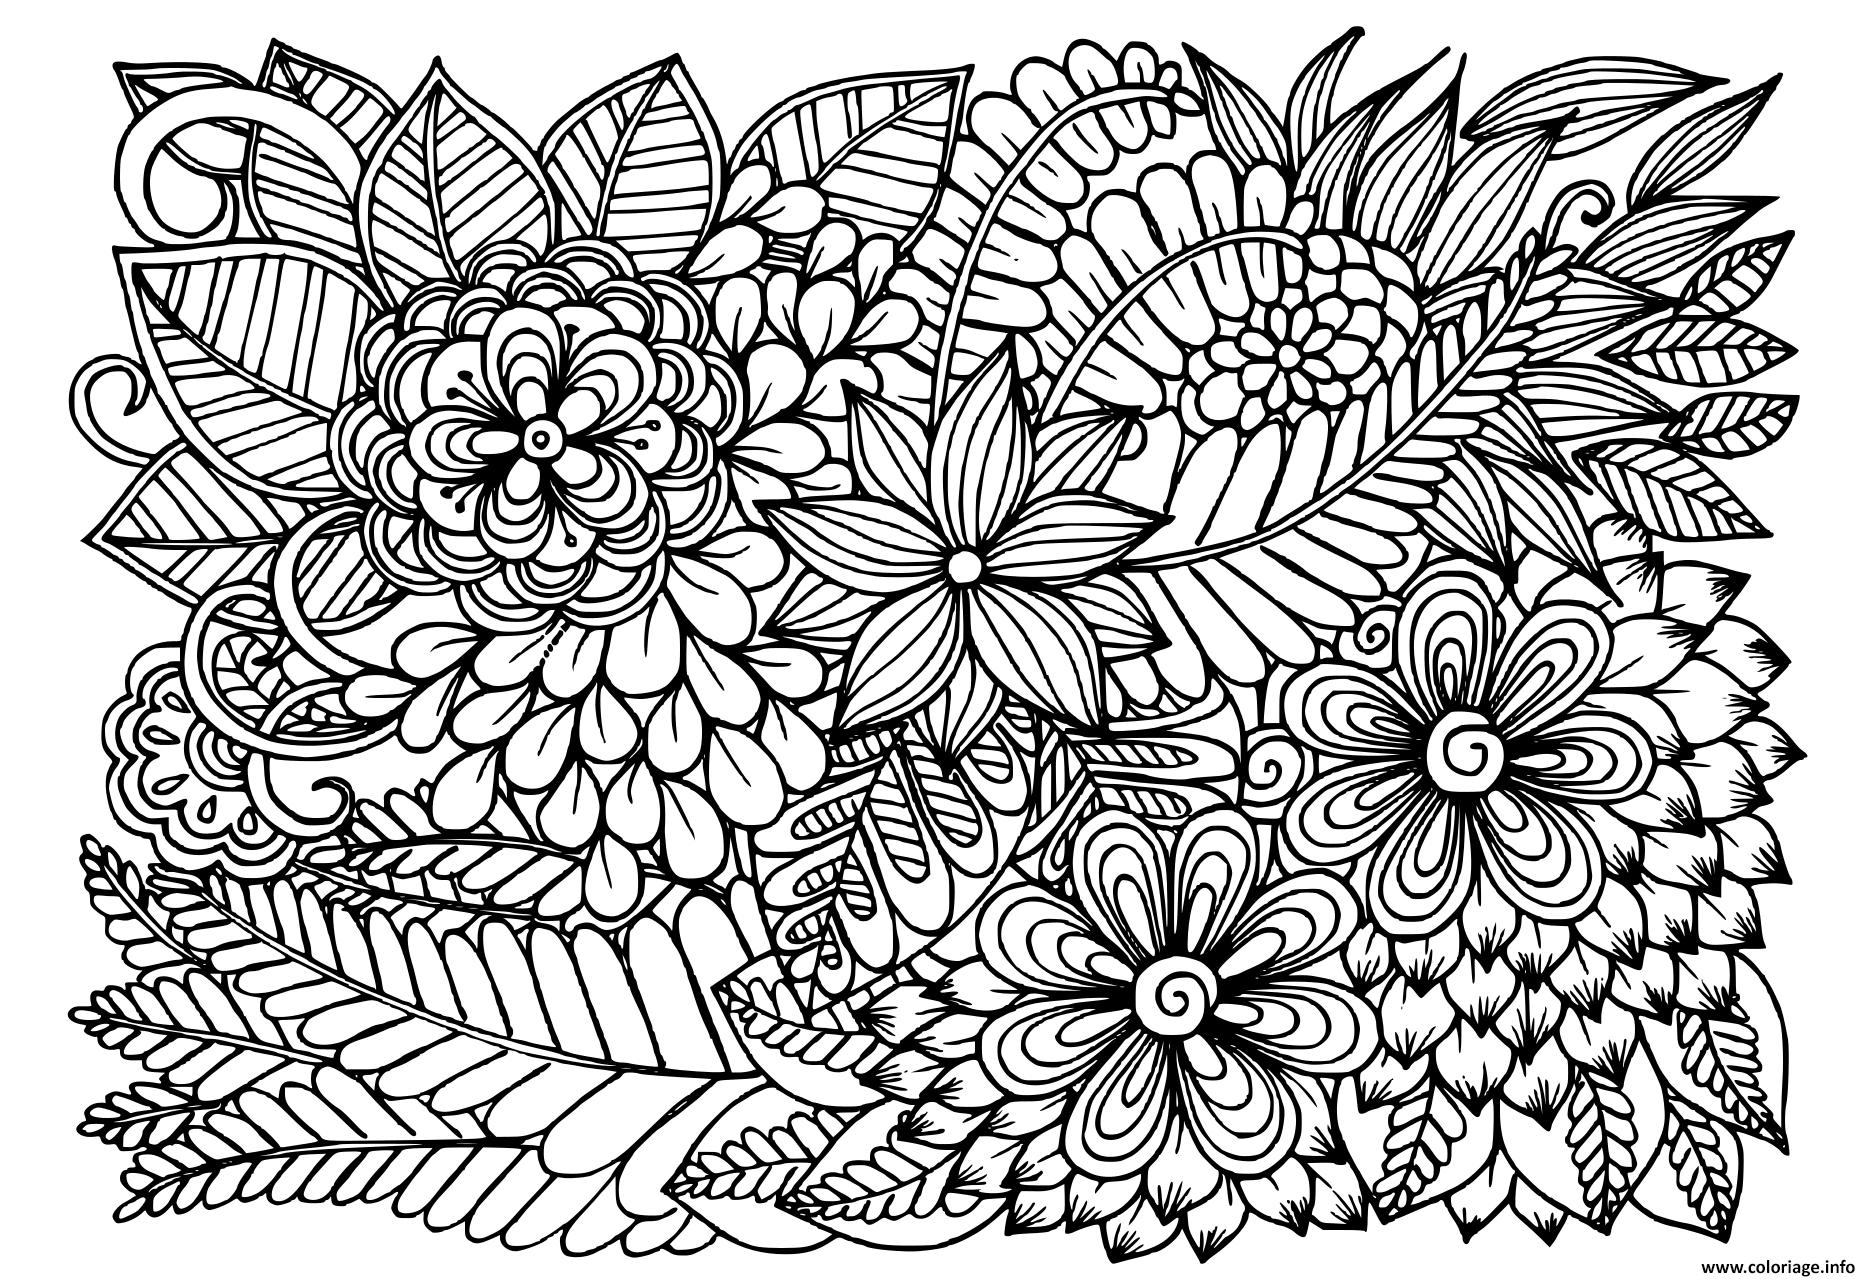 Coloriage Doodle Fleurs En Noir Et Blanc Motif Floral Dessin